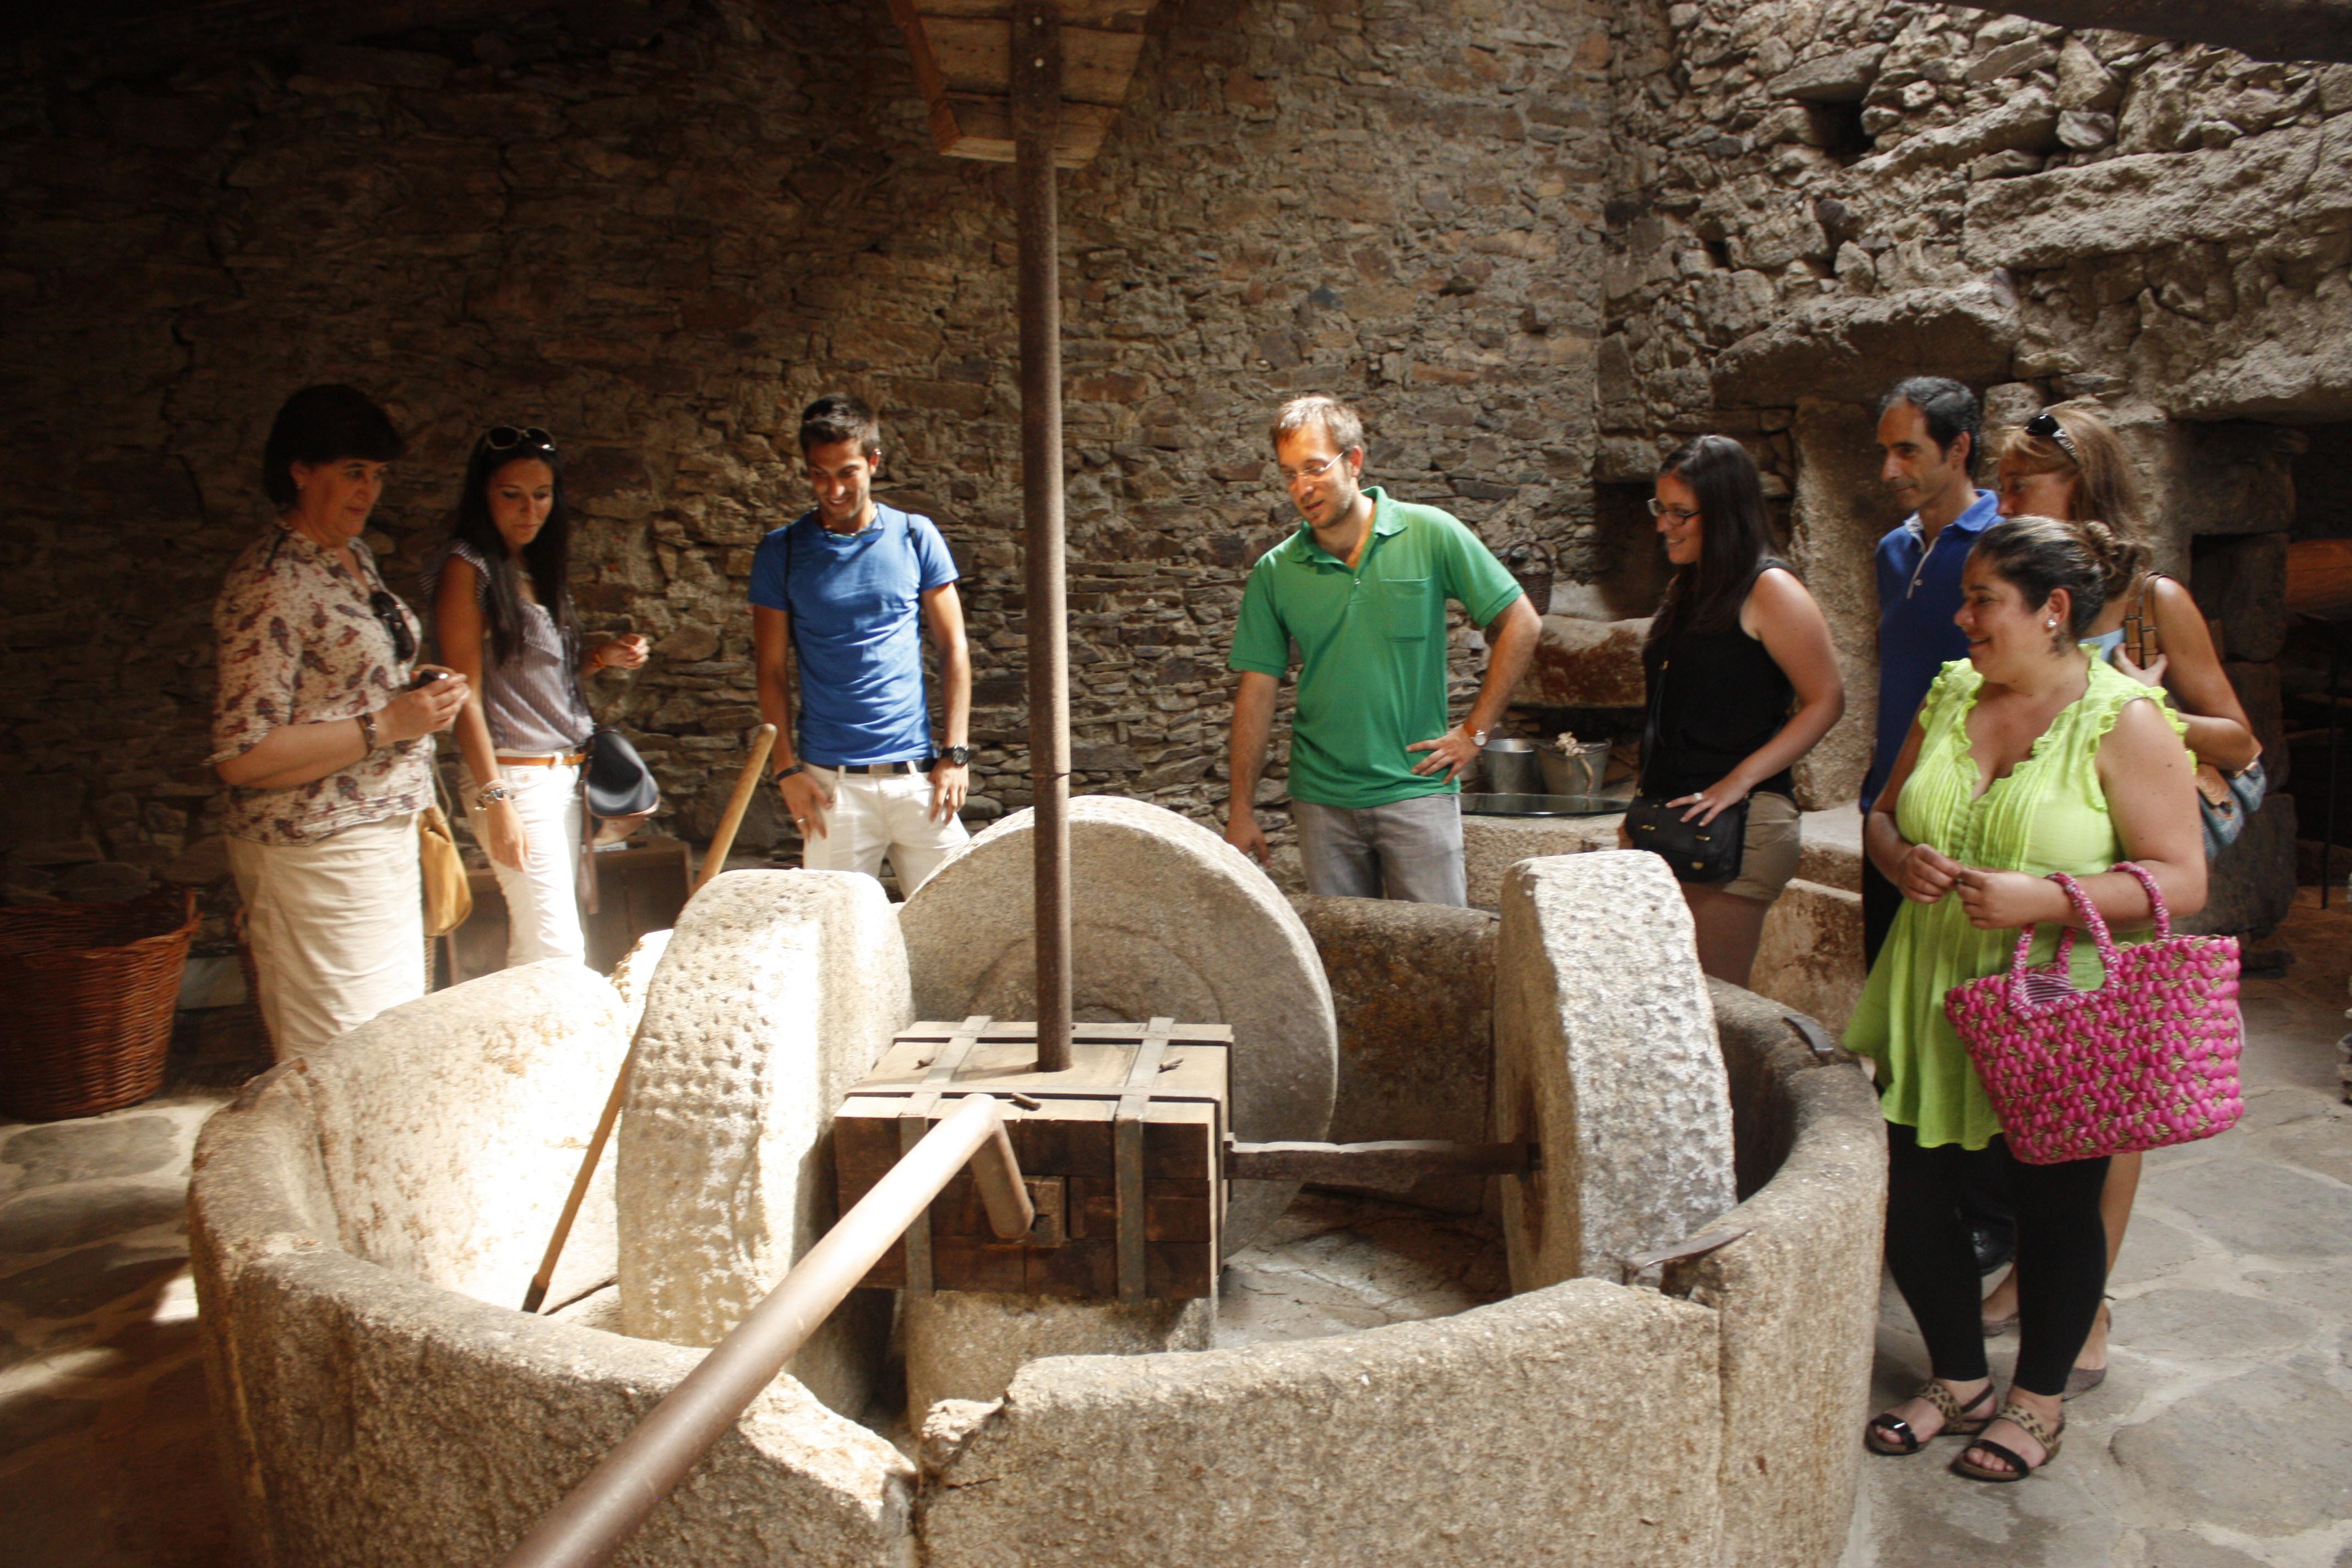 Concluye con éxito el Encuentro Hispanoluso de Turismo Enogastronómico organizado por la Universidad de Salamanca